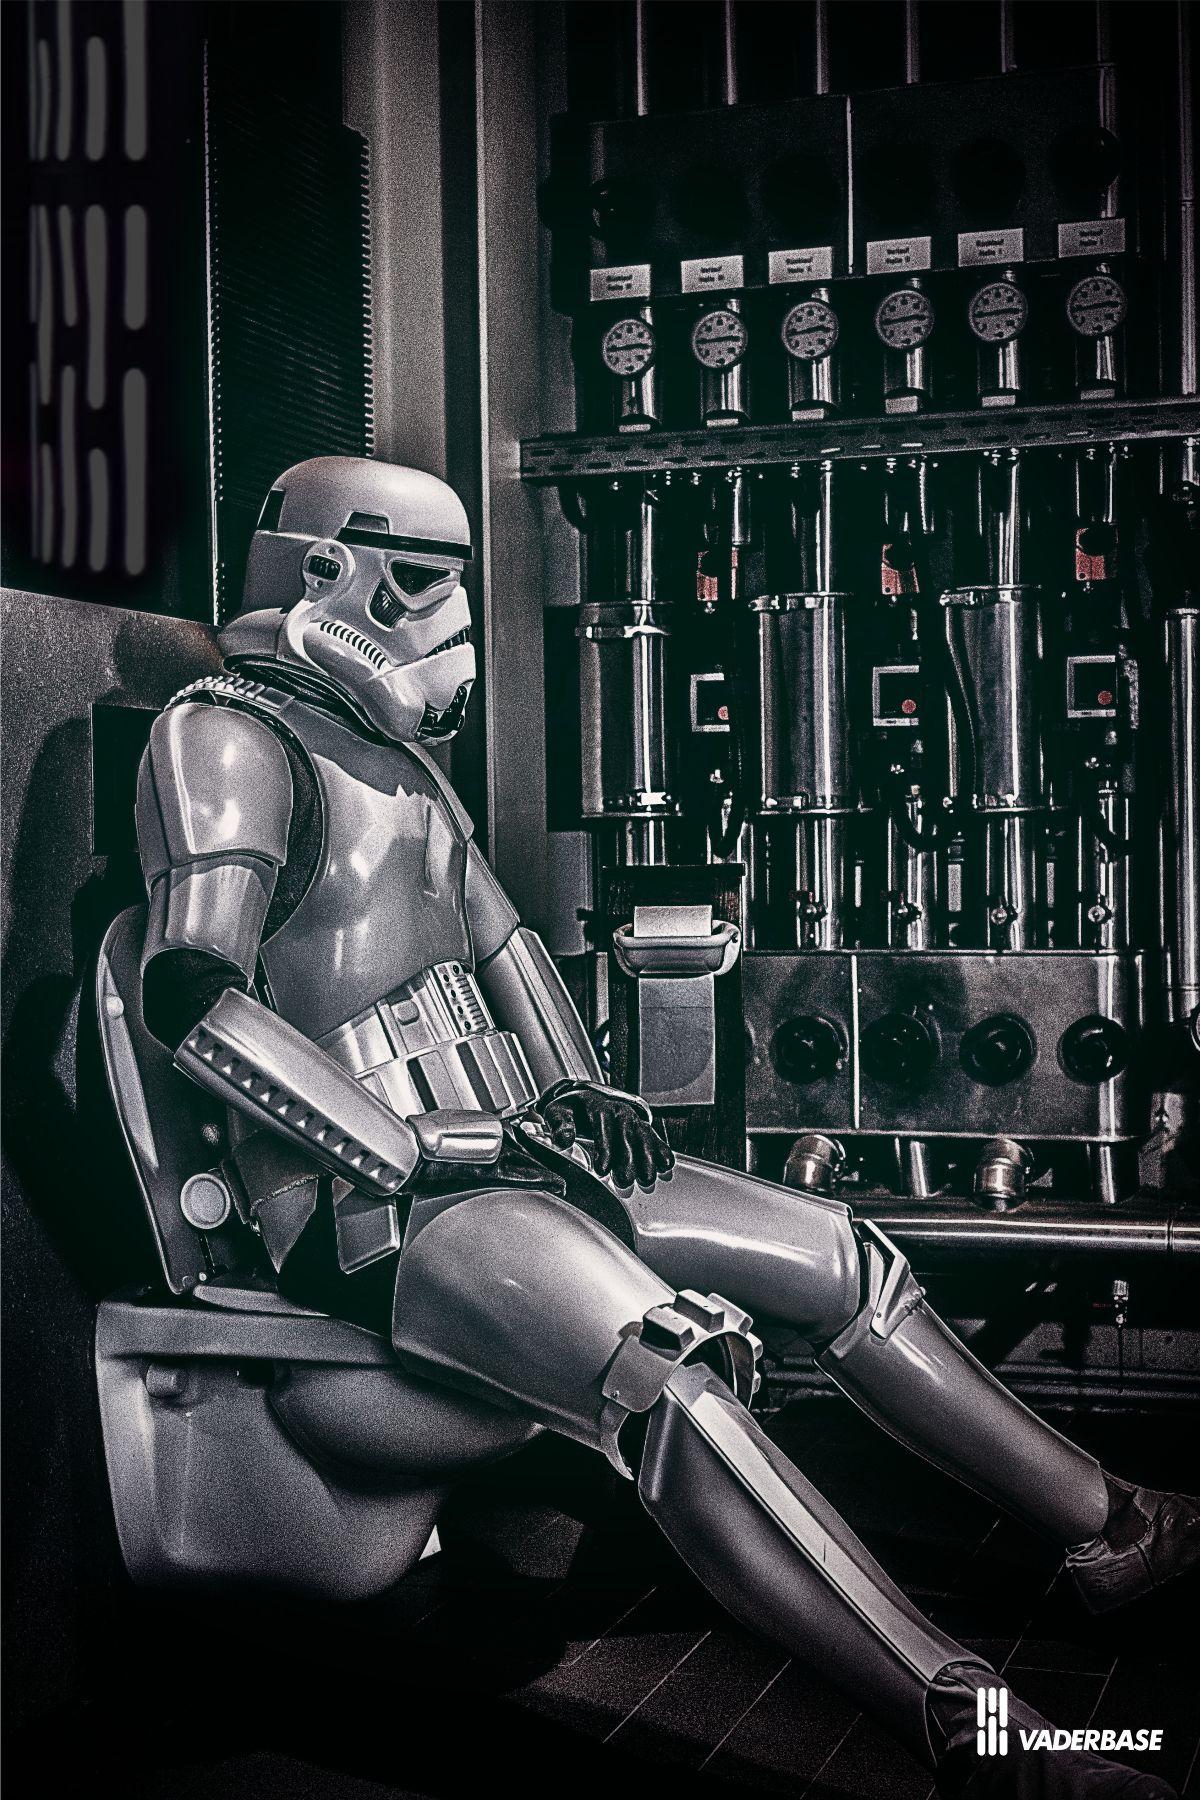 vaderbase.lima-city.de/Bilder/blog_2018/stormtrooper_deathstar_toilet.jpg